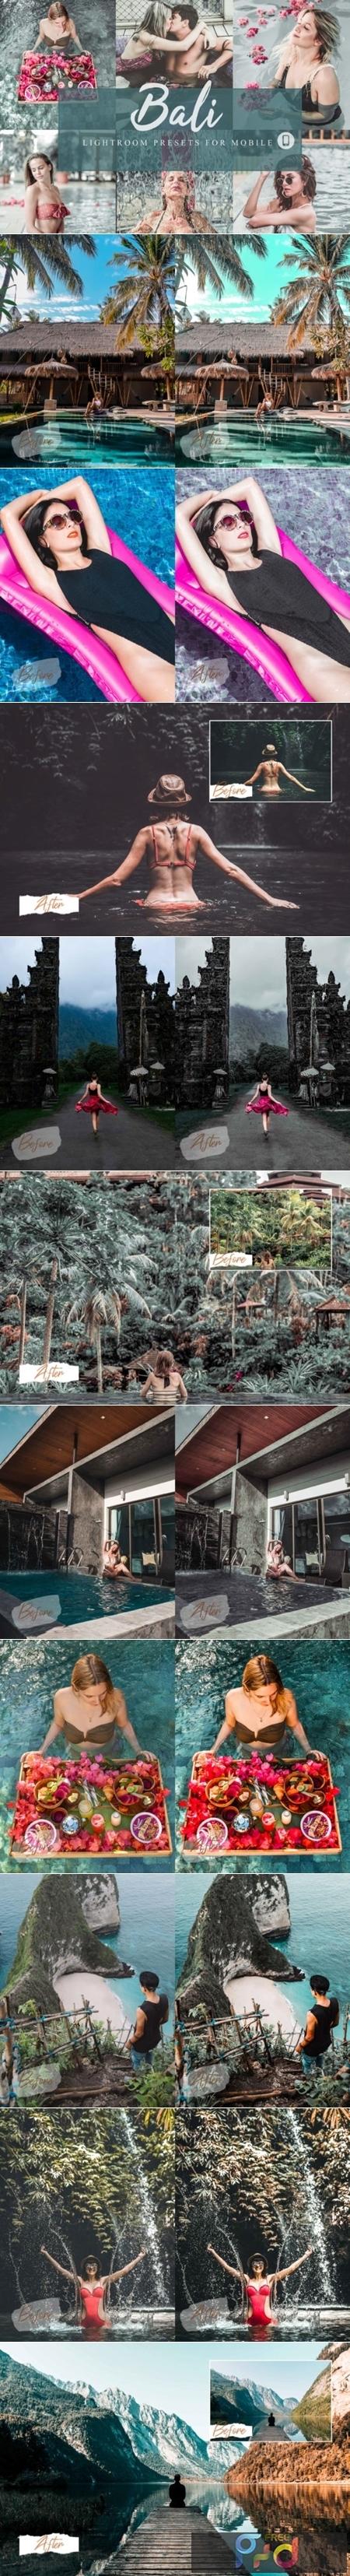 6 Mobile Lightroom Presets Bali 3731007 1